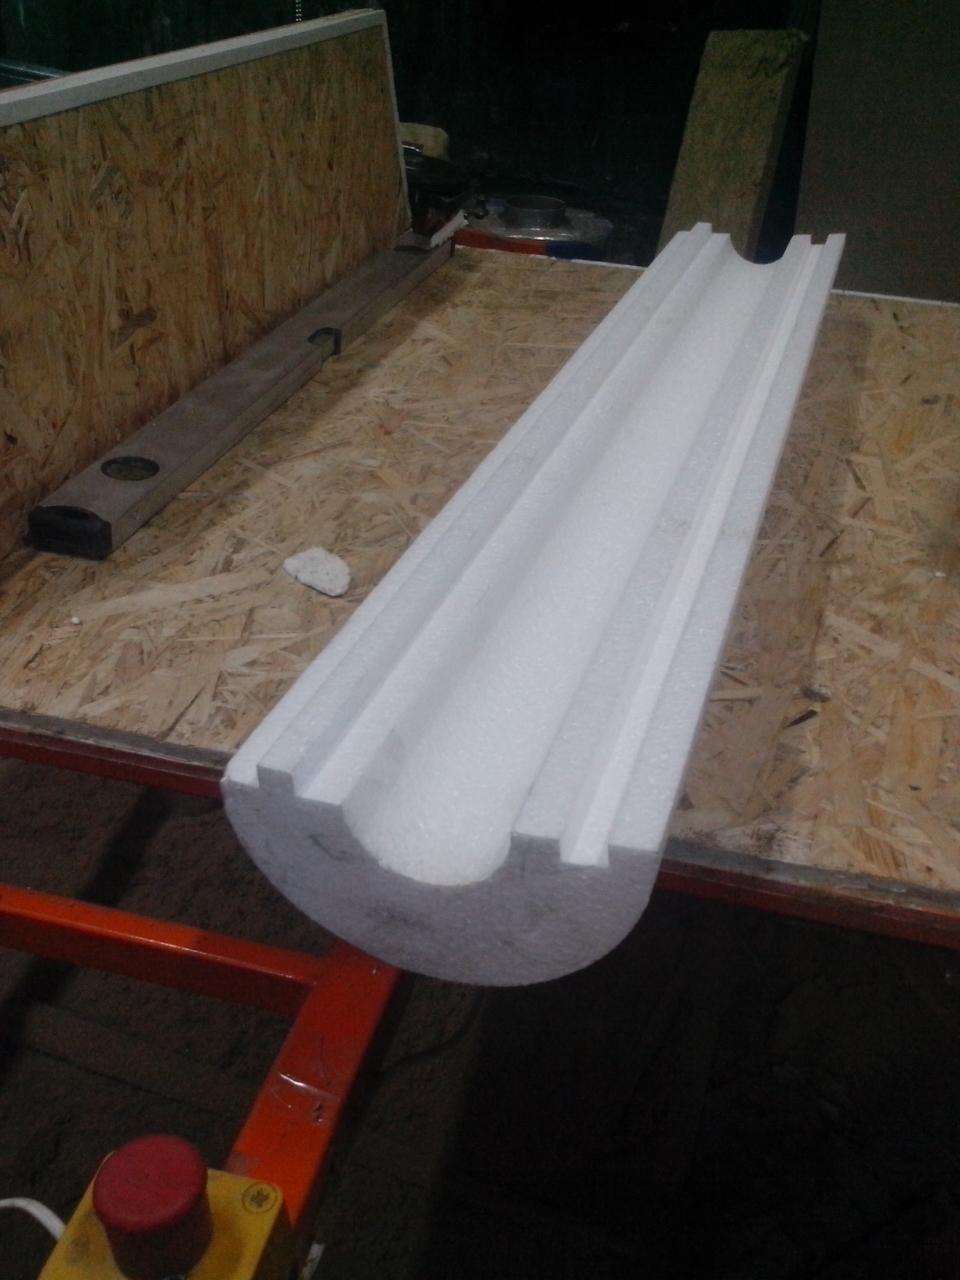 Утеплитель из пенопласта (пенополистирола) для труб Ø 114 мм толщиной 100 мм